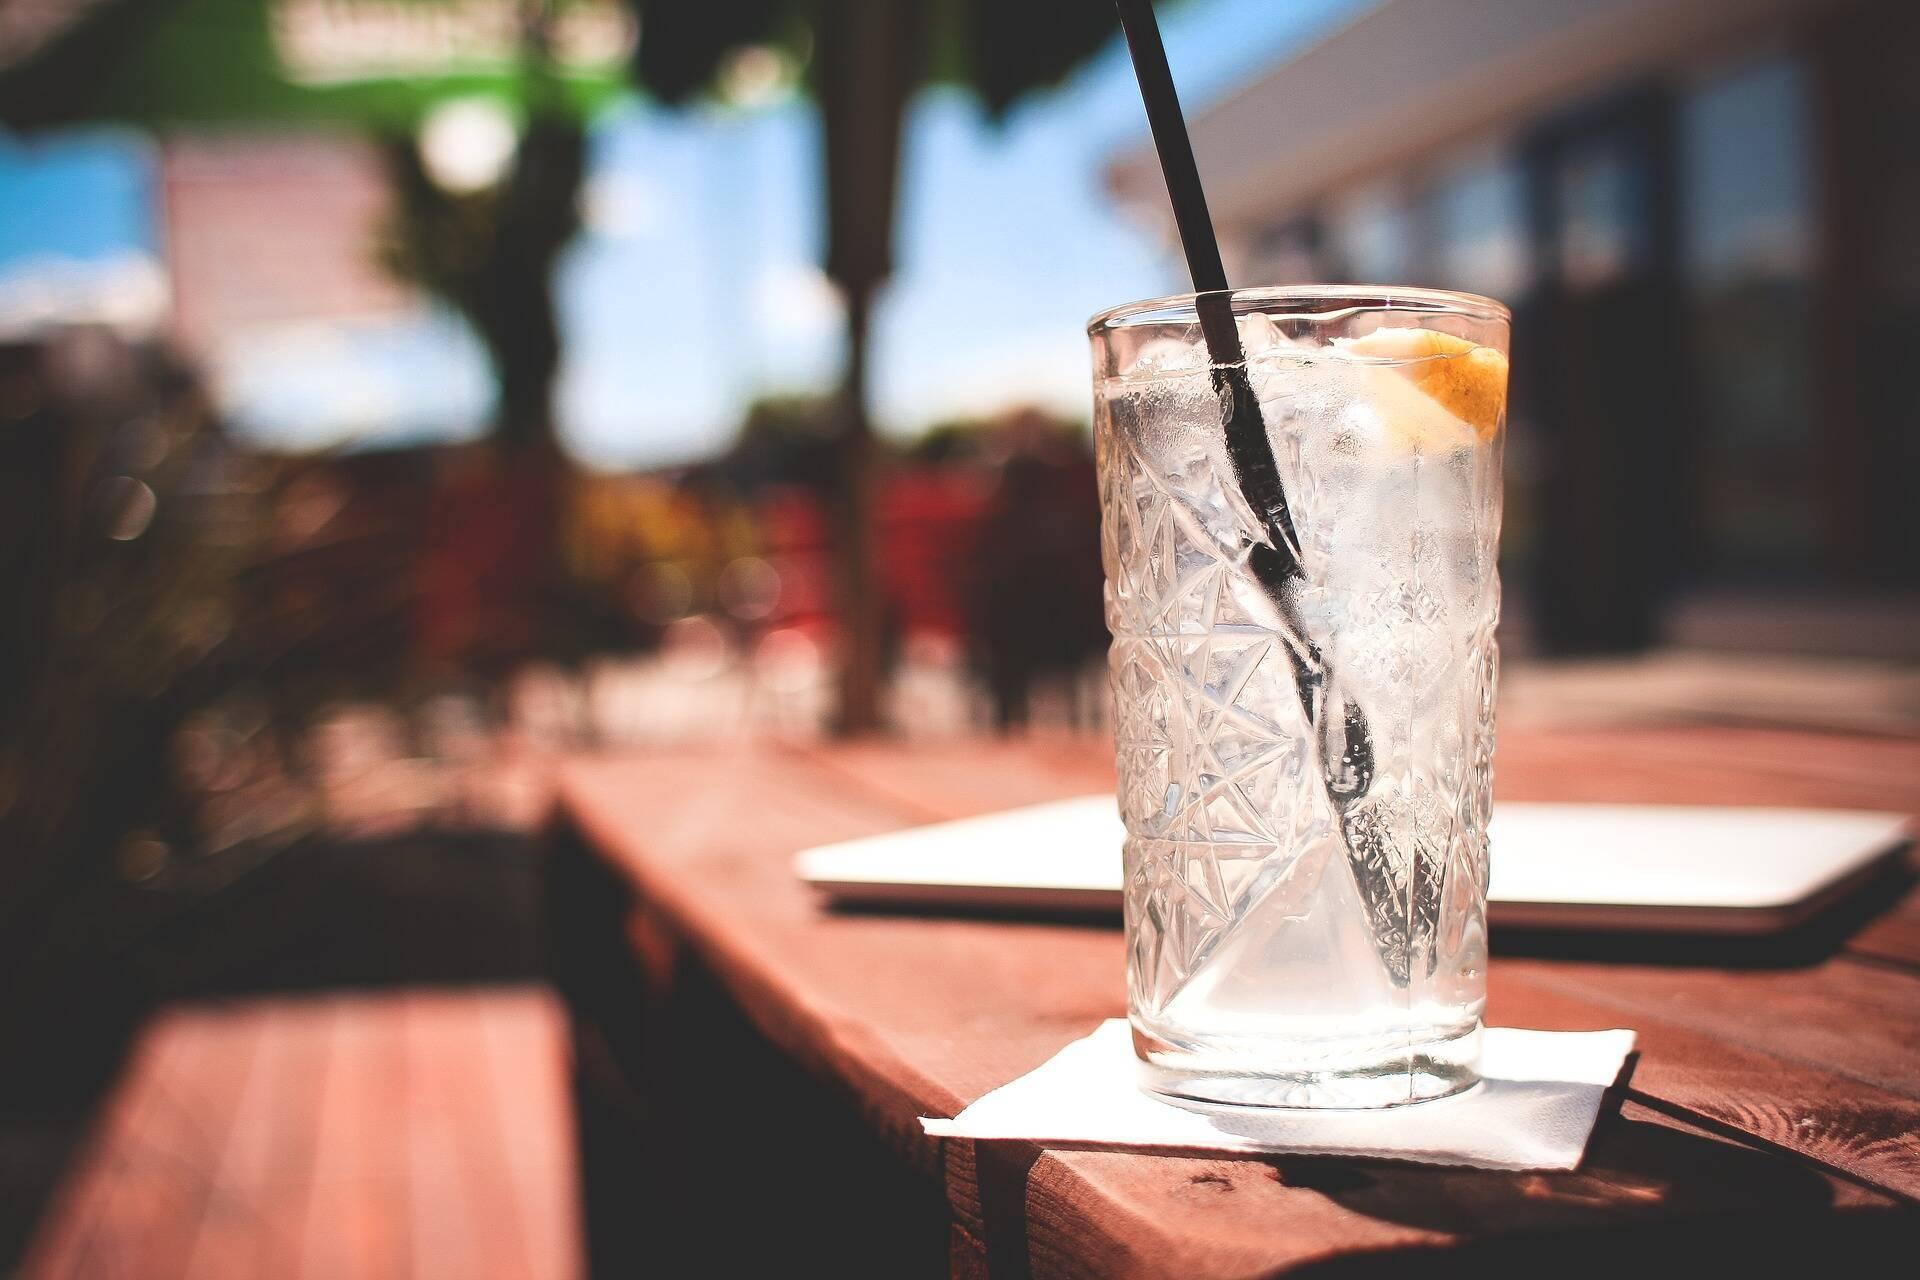 Употребление алкоголя усугубляет негативное воздействие высокой температуры на организм